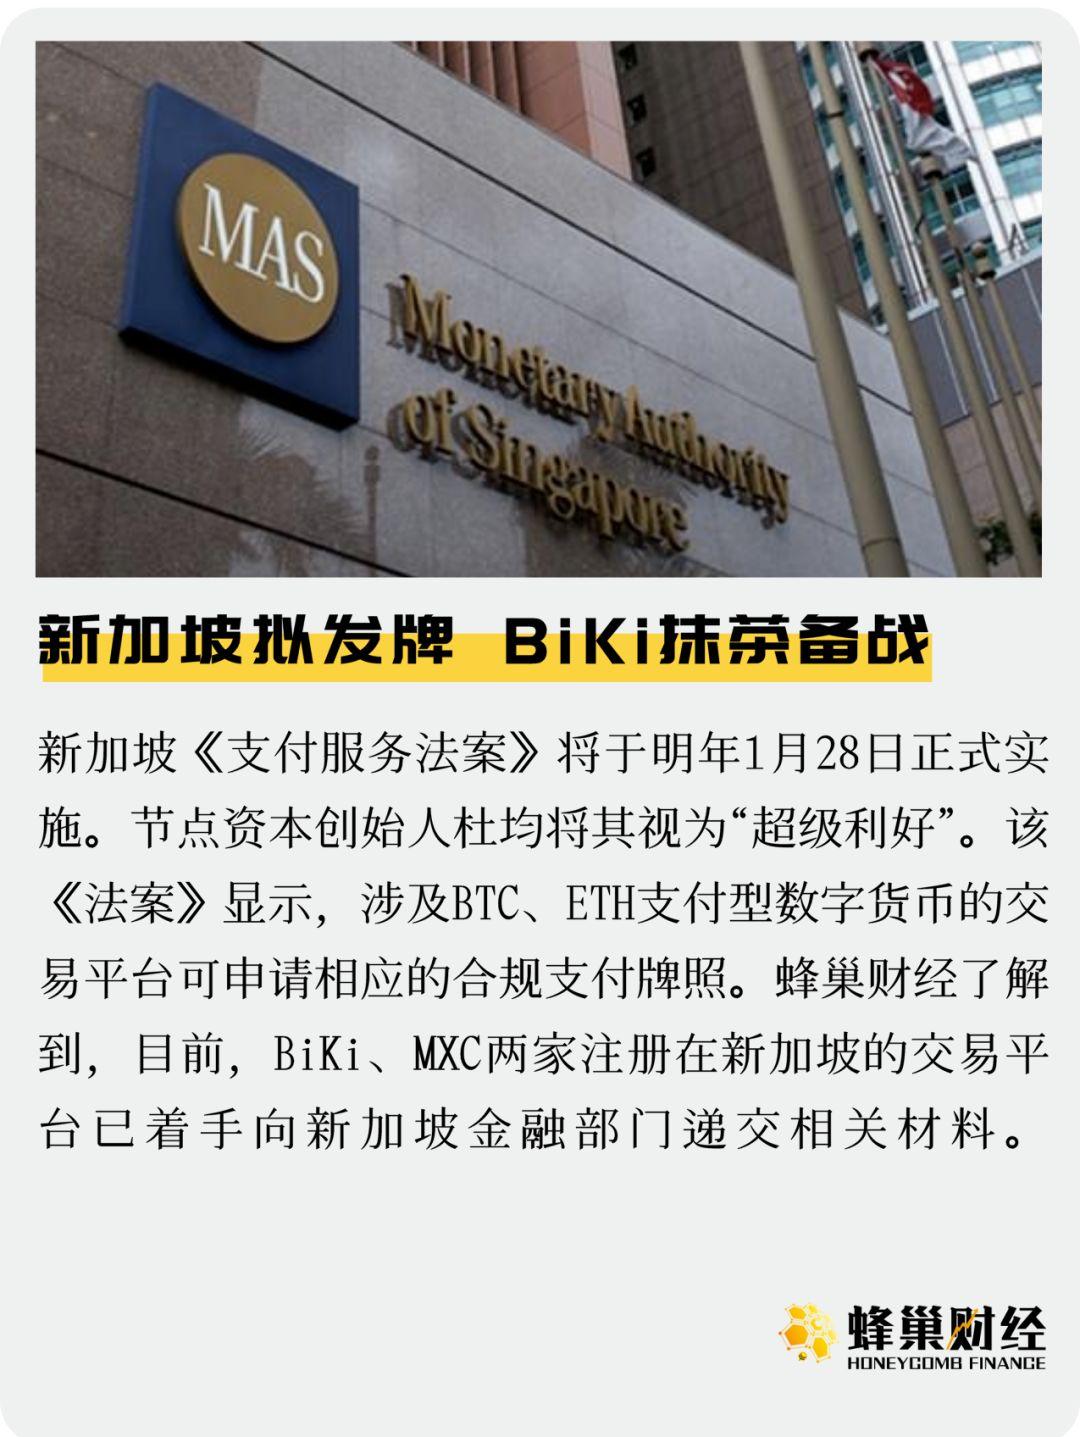 """新加坡拟发牌,BIKI抹茶备战!前有香港,后有新加坡,""""亚洲四小龙""""成监管创新排头兵图1"""